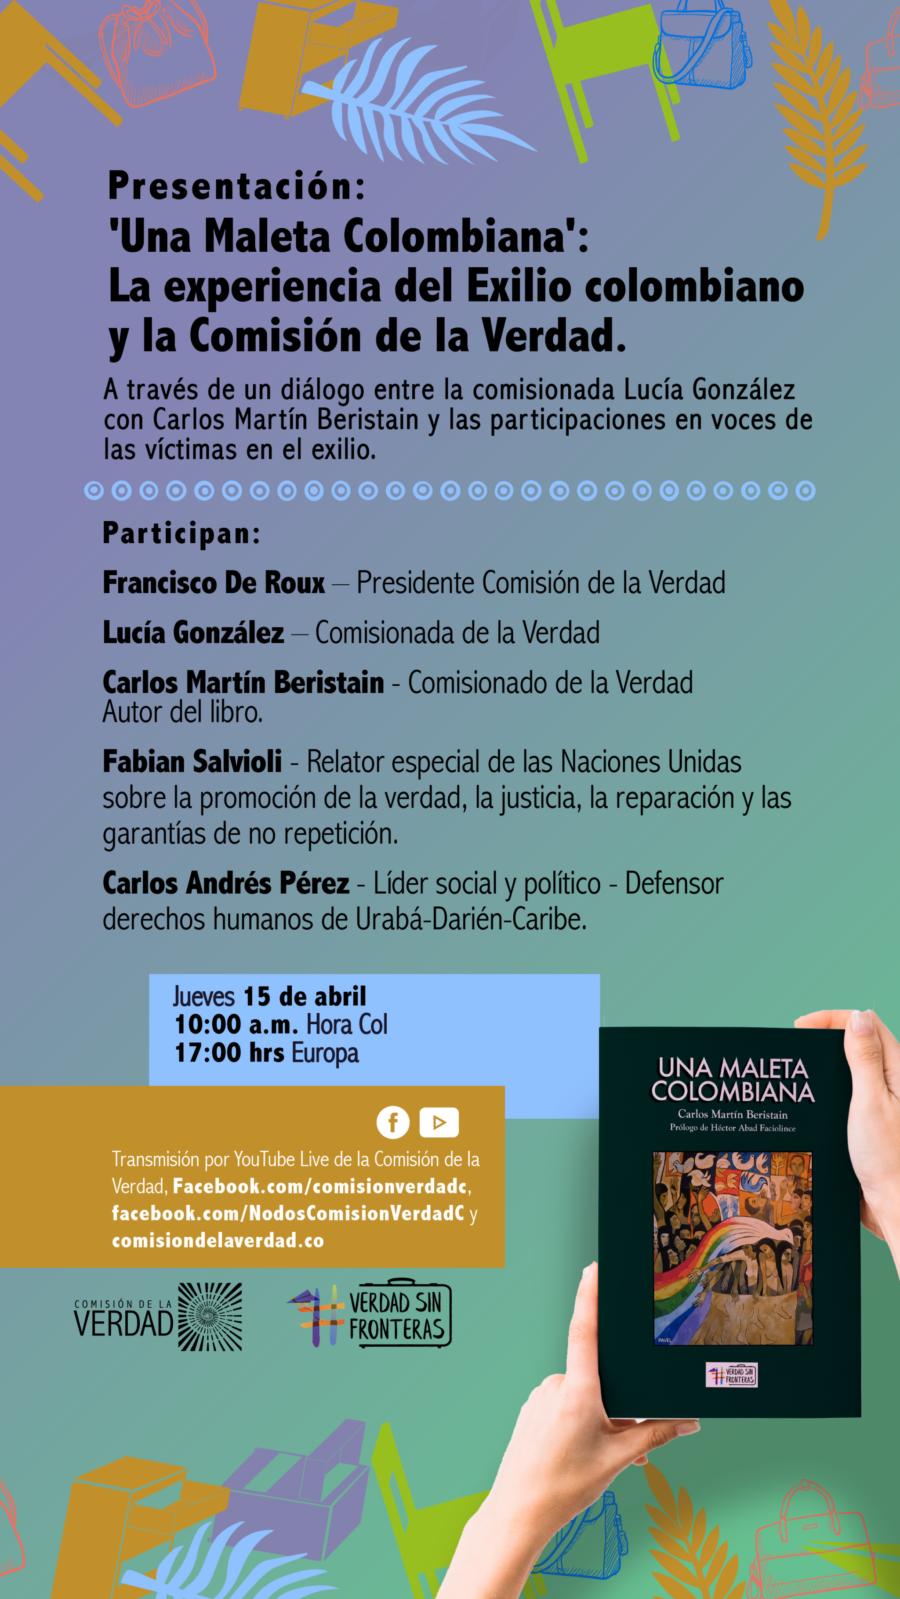 Una maleta colombiana es del autor Carlos Martín Beristain y cuenta historias de exiliados colombianos en el mundo.